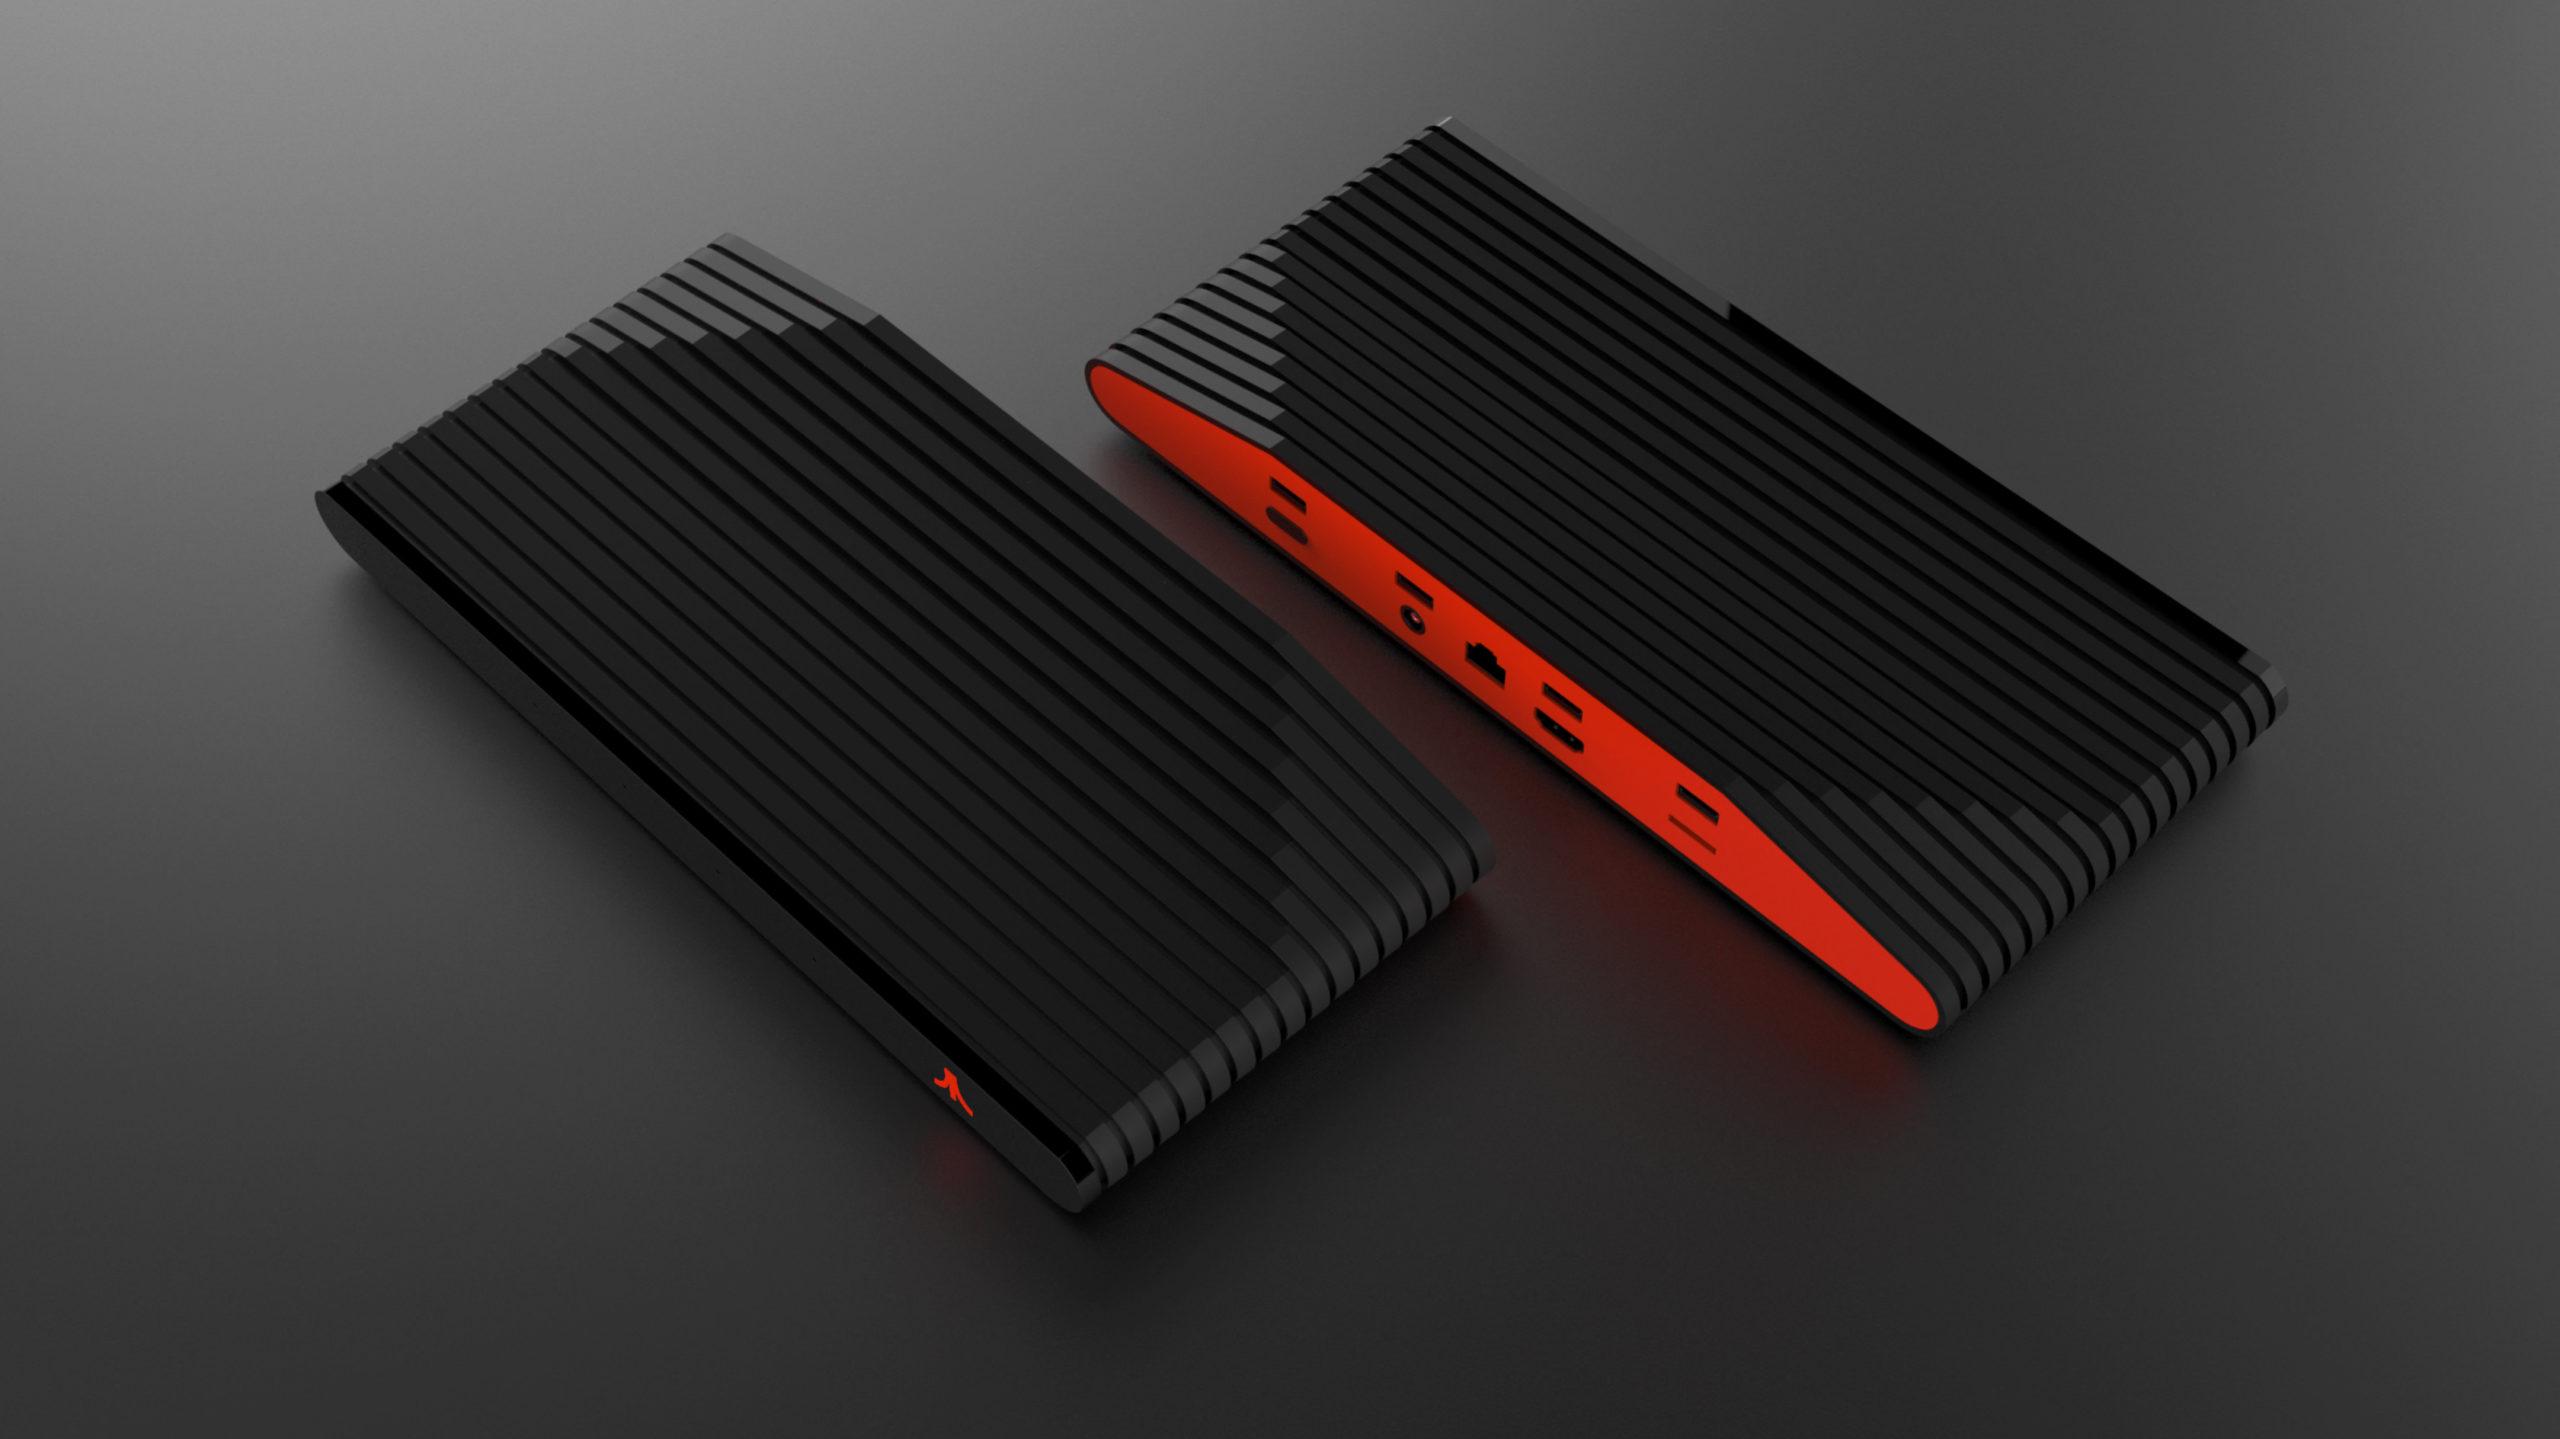 Atari s'inspire de Nintendo avec l'Atari Box !!!